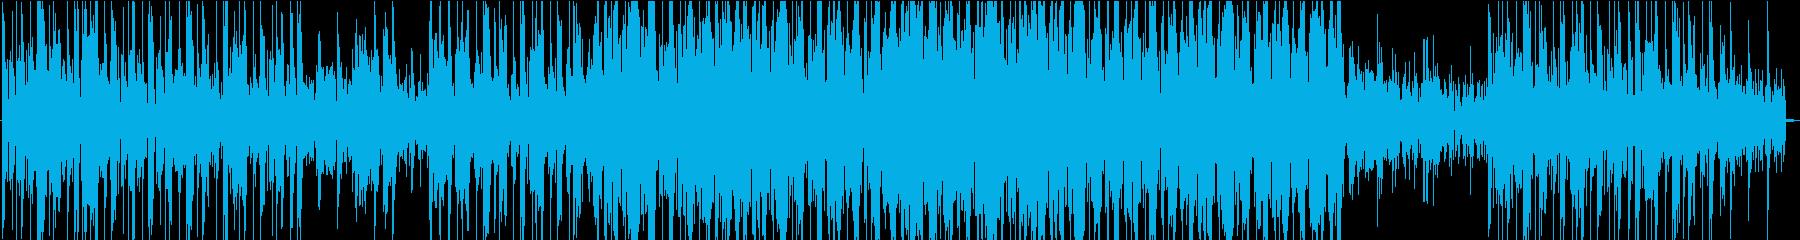 ハードでエッジの効いたエレクトロニックの再生済みの波形